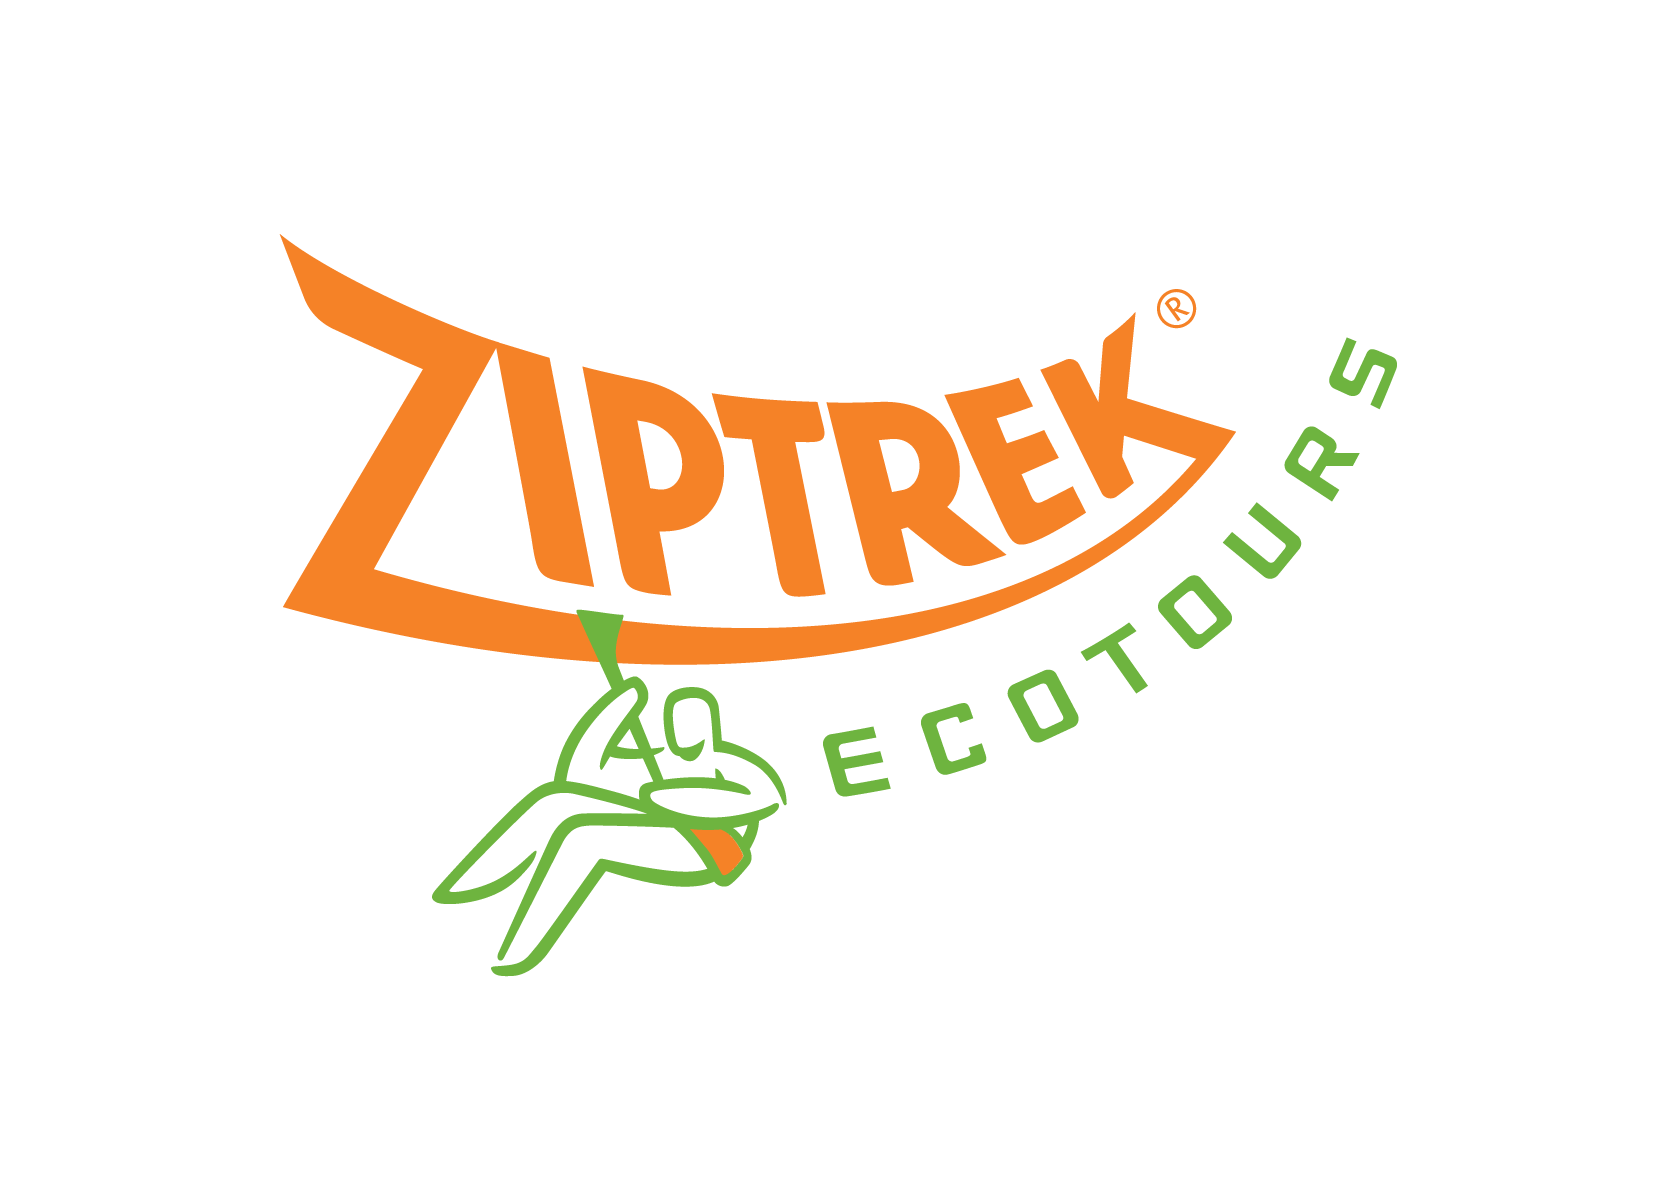 Ziptrek-stamp-logo-CMYK.png